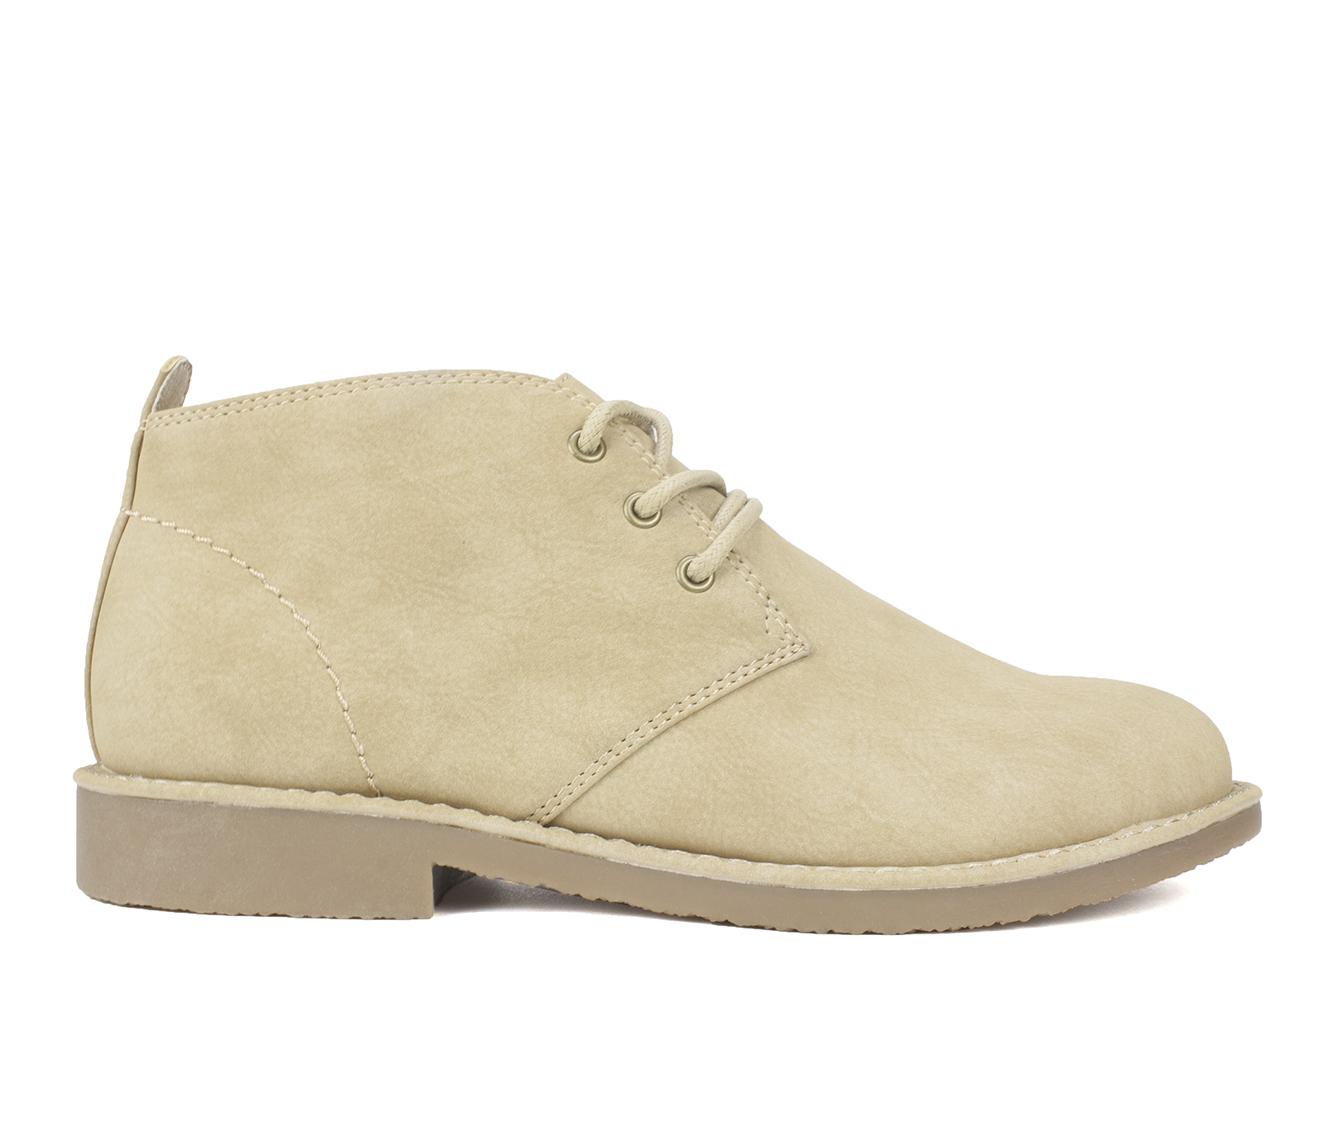 Seven Dials Maj Women's Boots (Beige - Faux Leather)